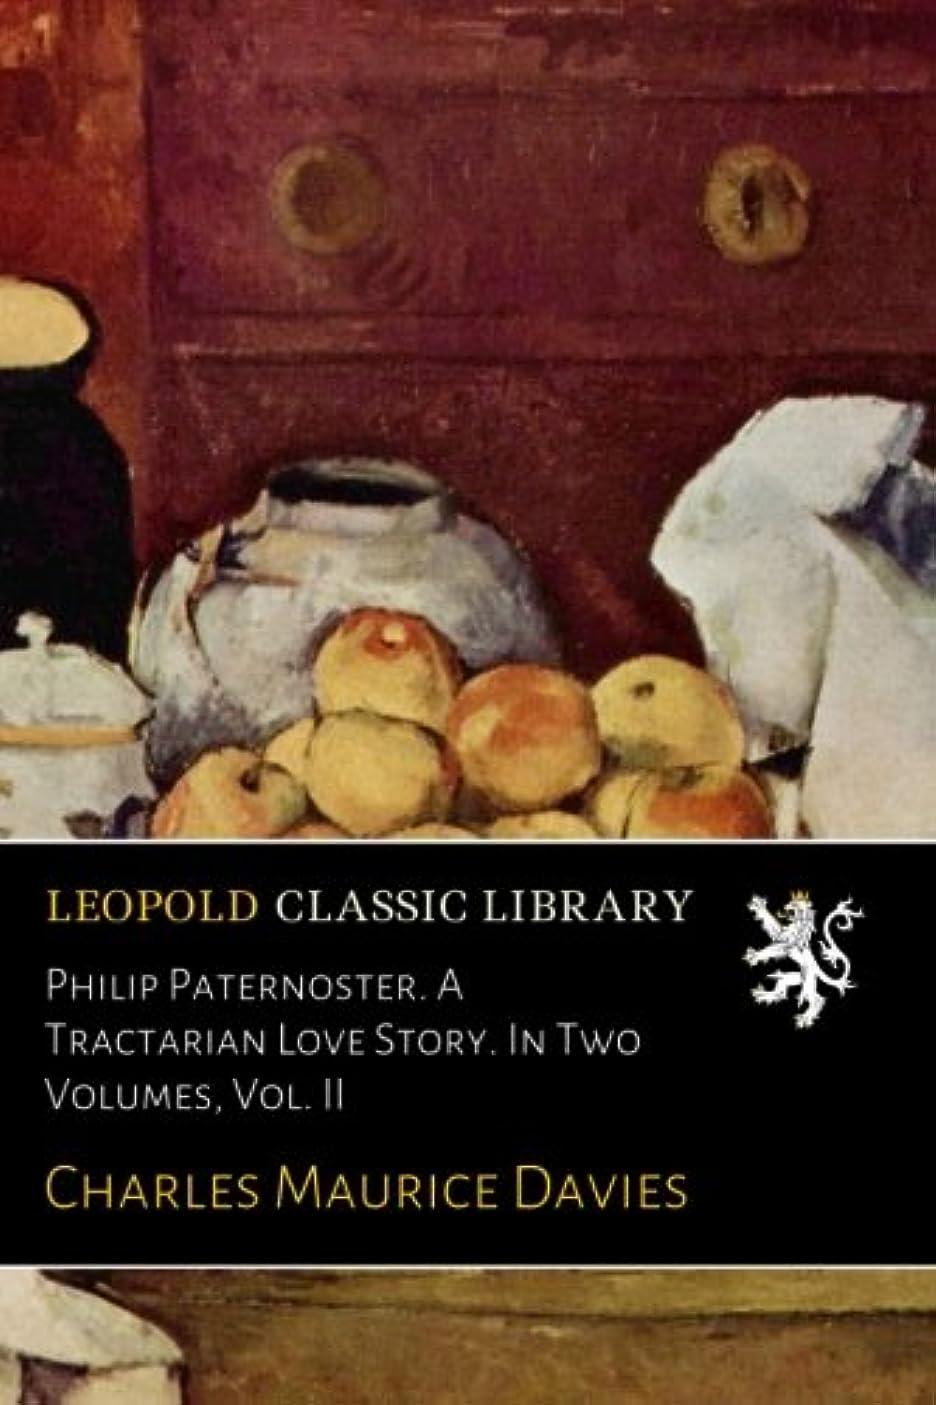 マイルド重くする付添人Philip Paternoster. A Tractarian Love Story. In Two Volumes, Vol. II